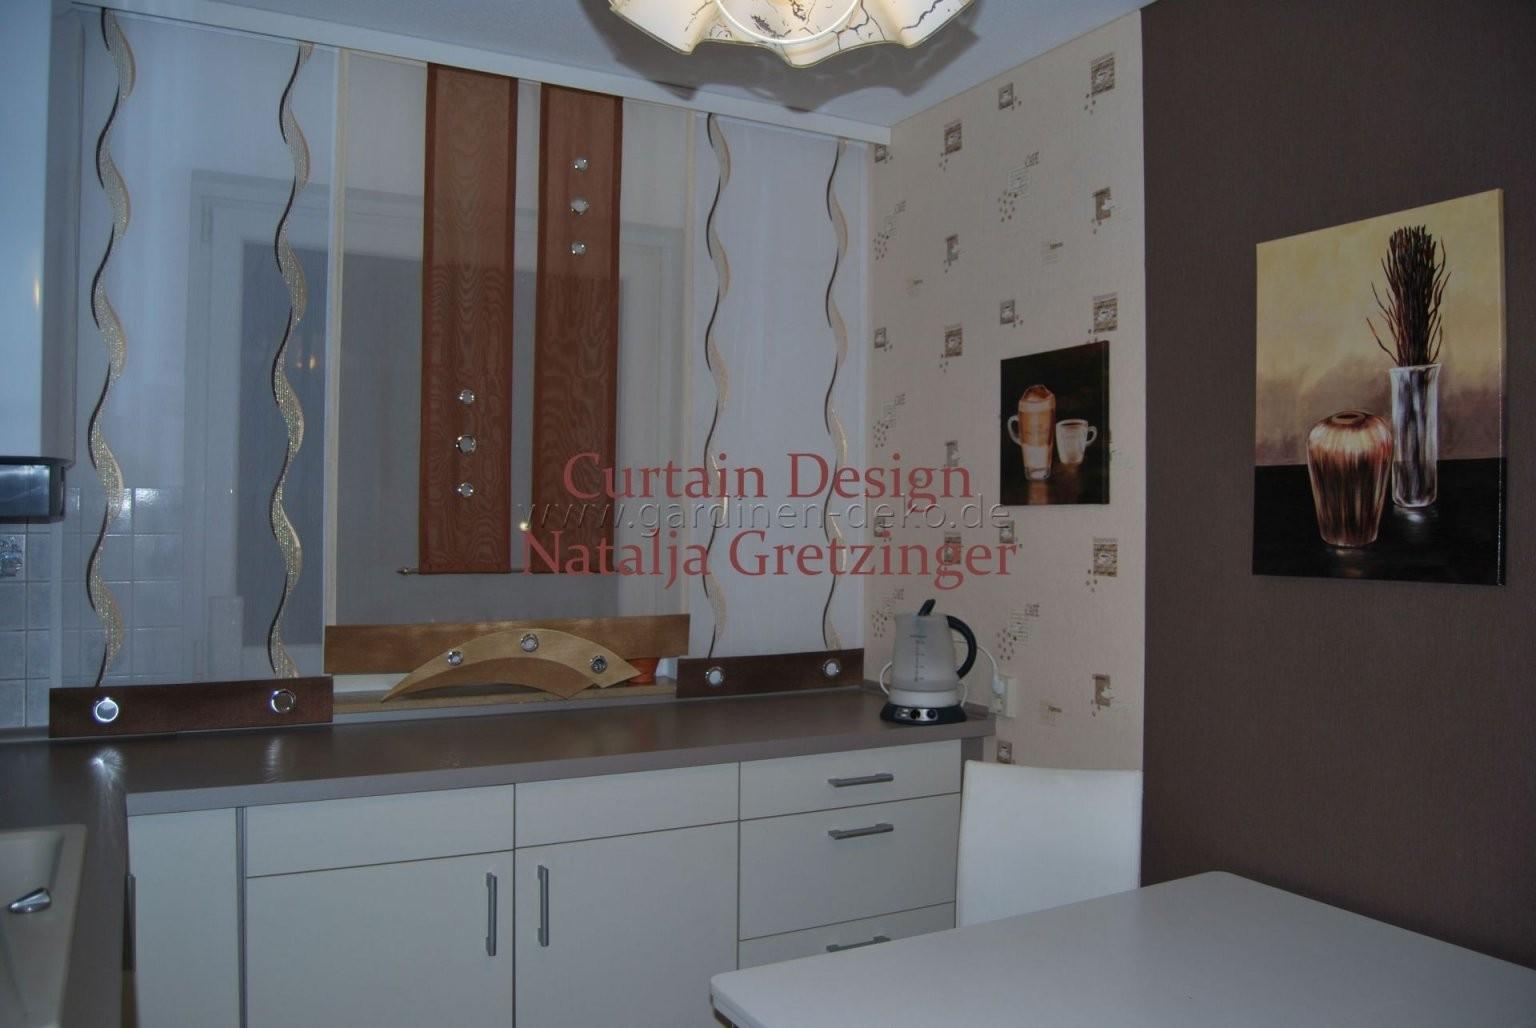 Schiebe Gardine Im Modernen Design Für Die Küche  Gardinendeko von Moderne Gardinen Für Die Küche Bild